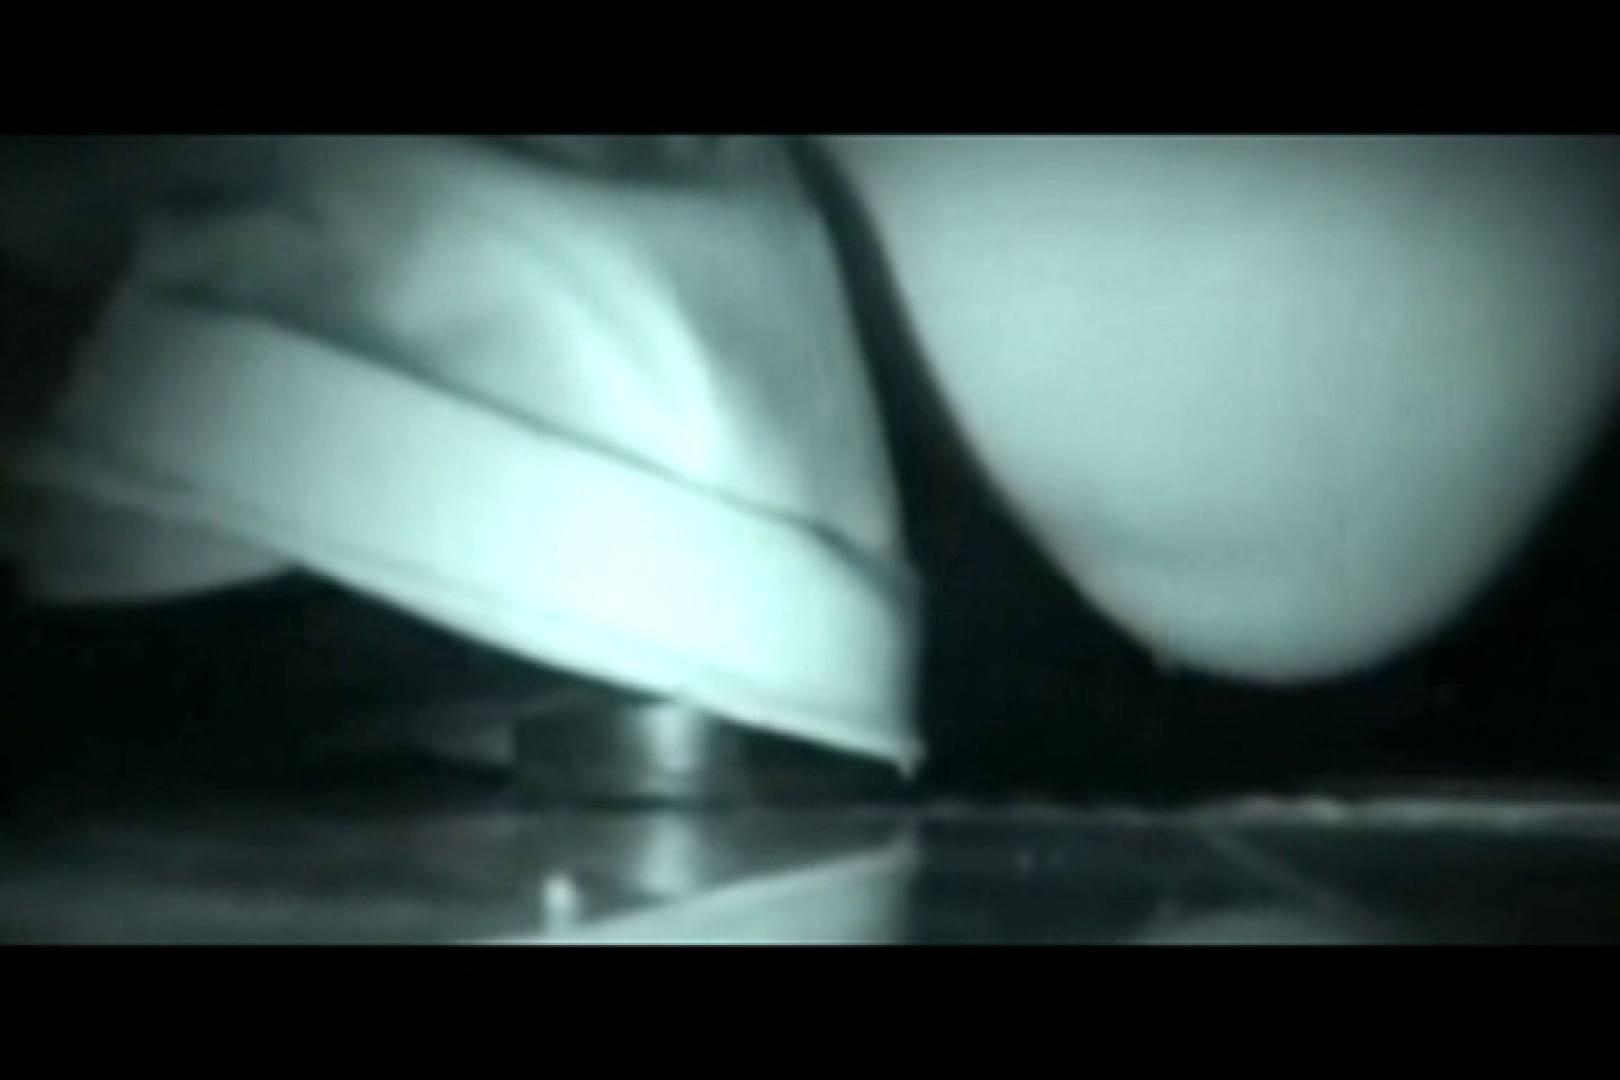 ぼっとん洗面所スペシャルVol.19 洗面所 | おまんこモロ出し  109pic 66